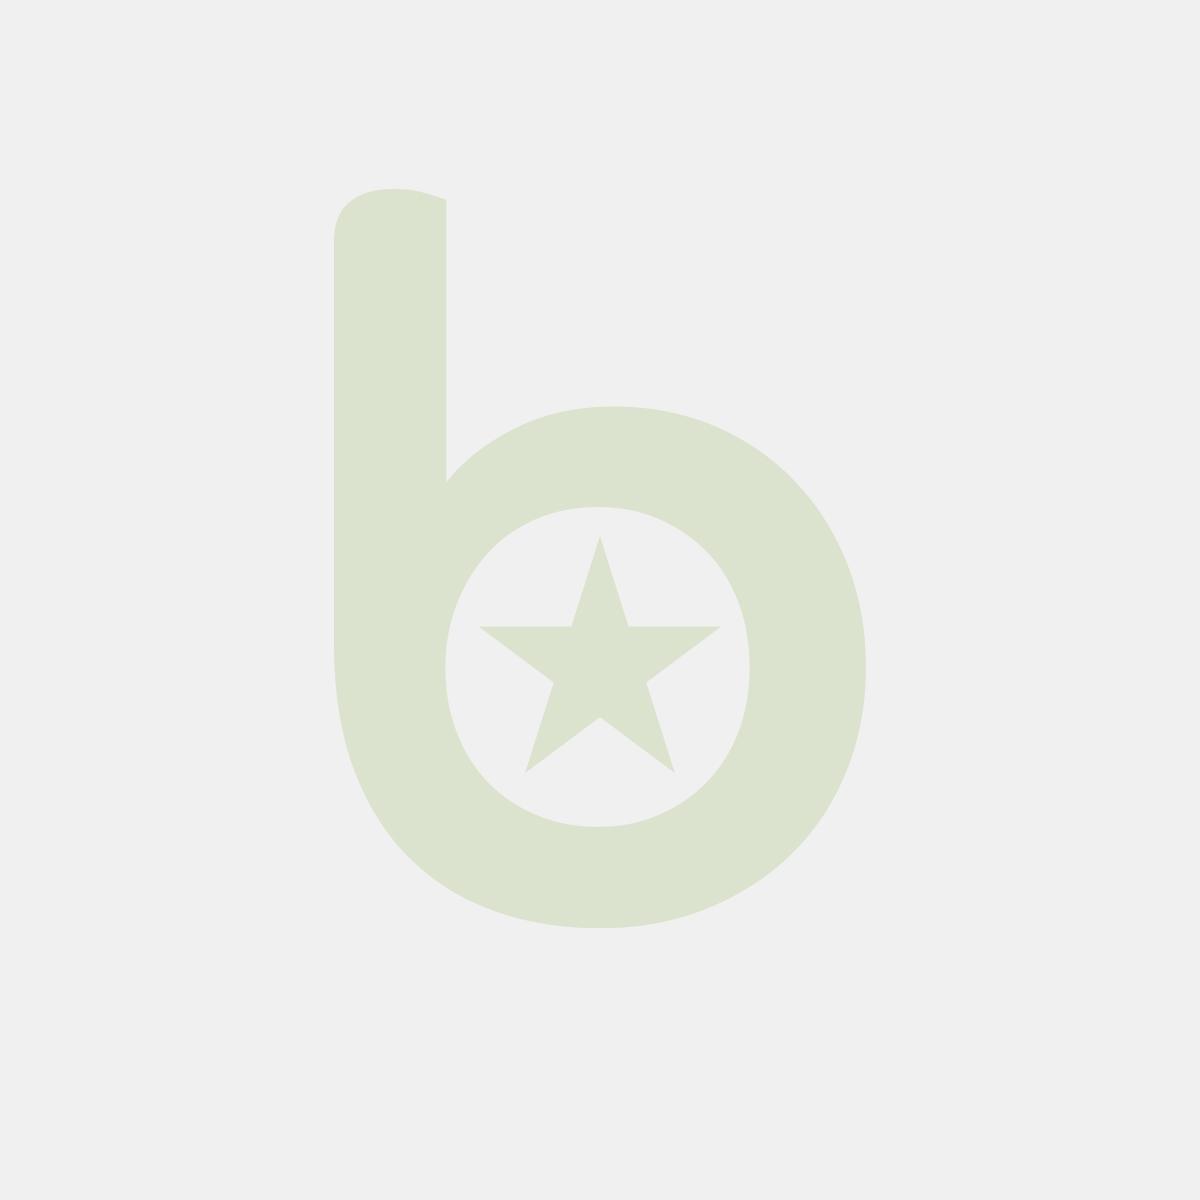 Pokal do wody LINIA CABERNET średnica 74 mm (6 sztuk) -kod L3618